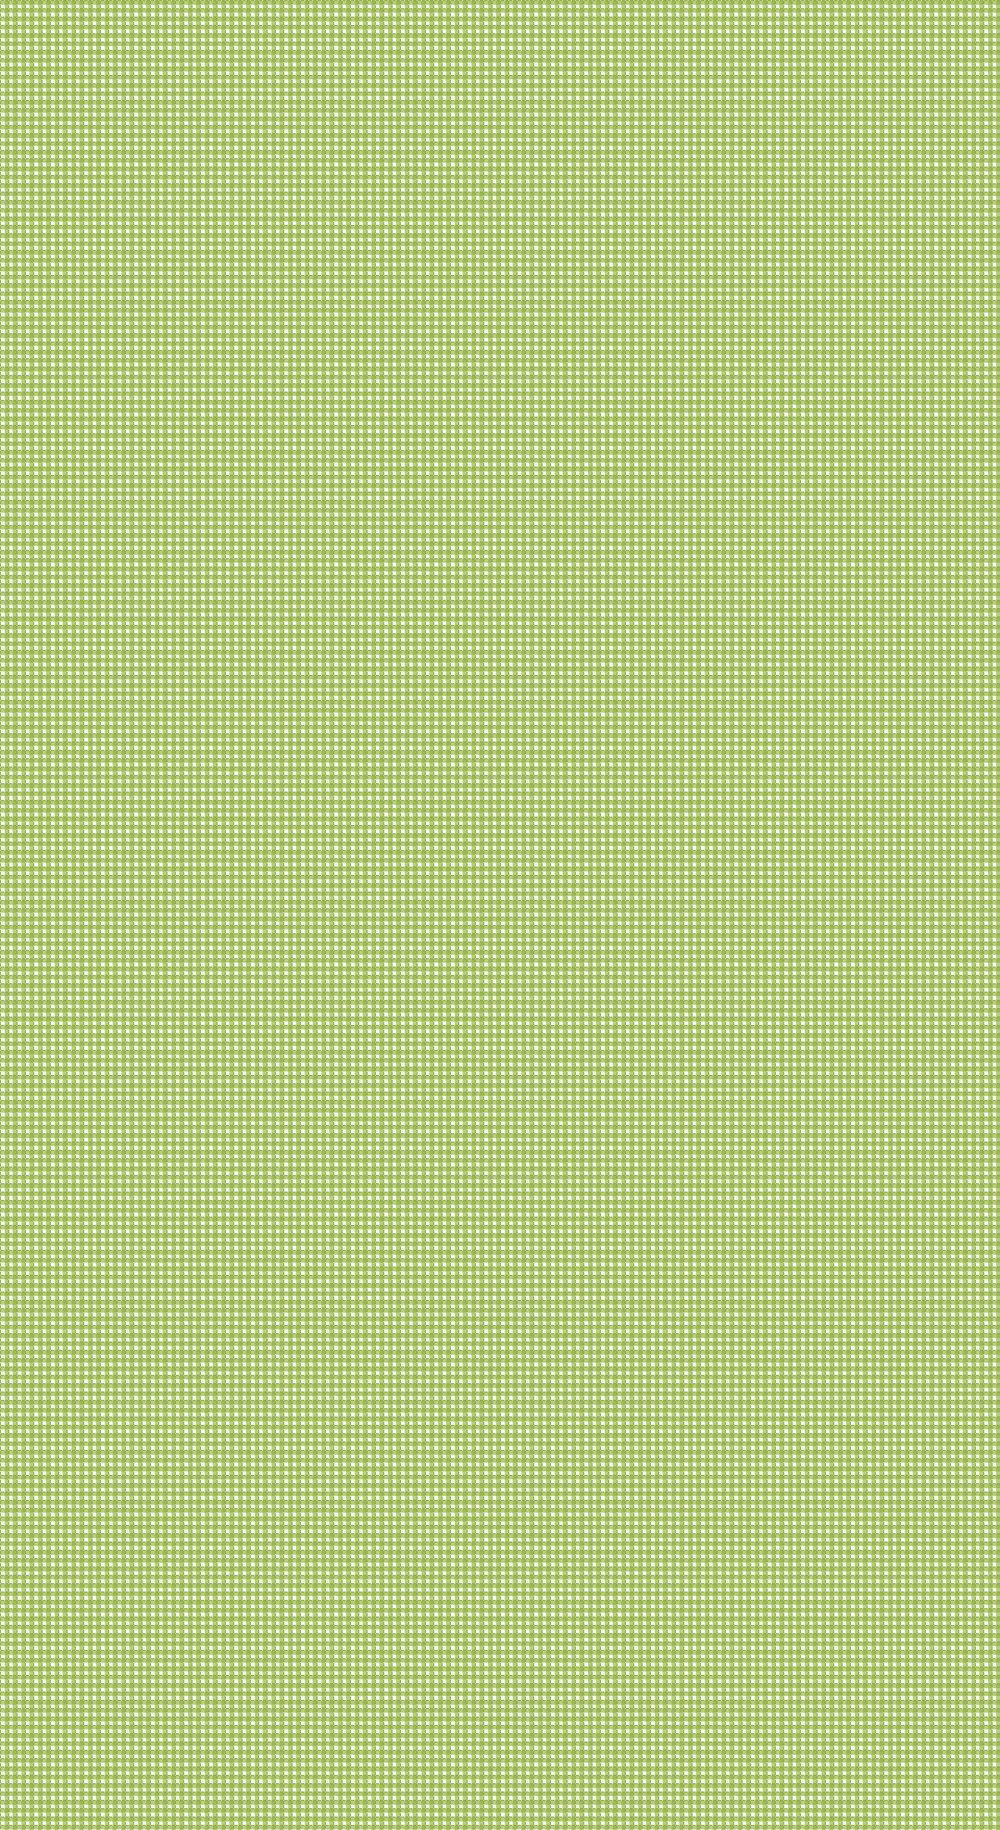 3524-002 GINGHAM-GRASS